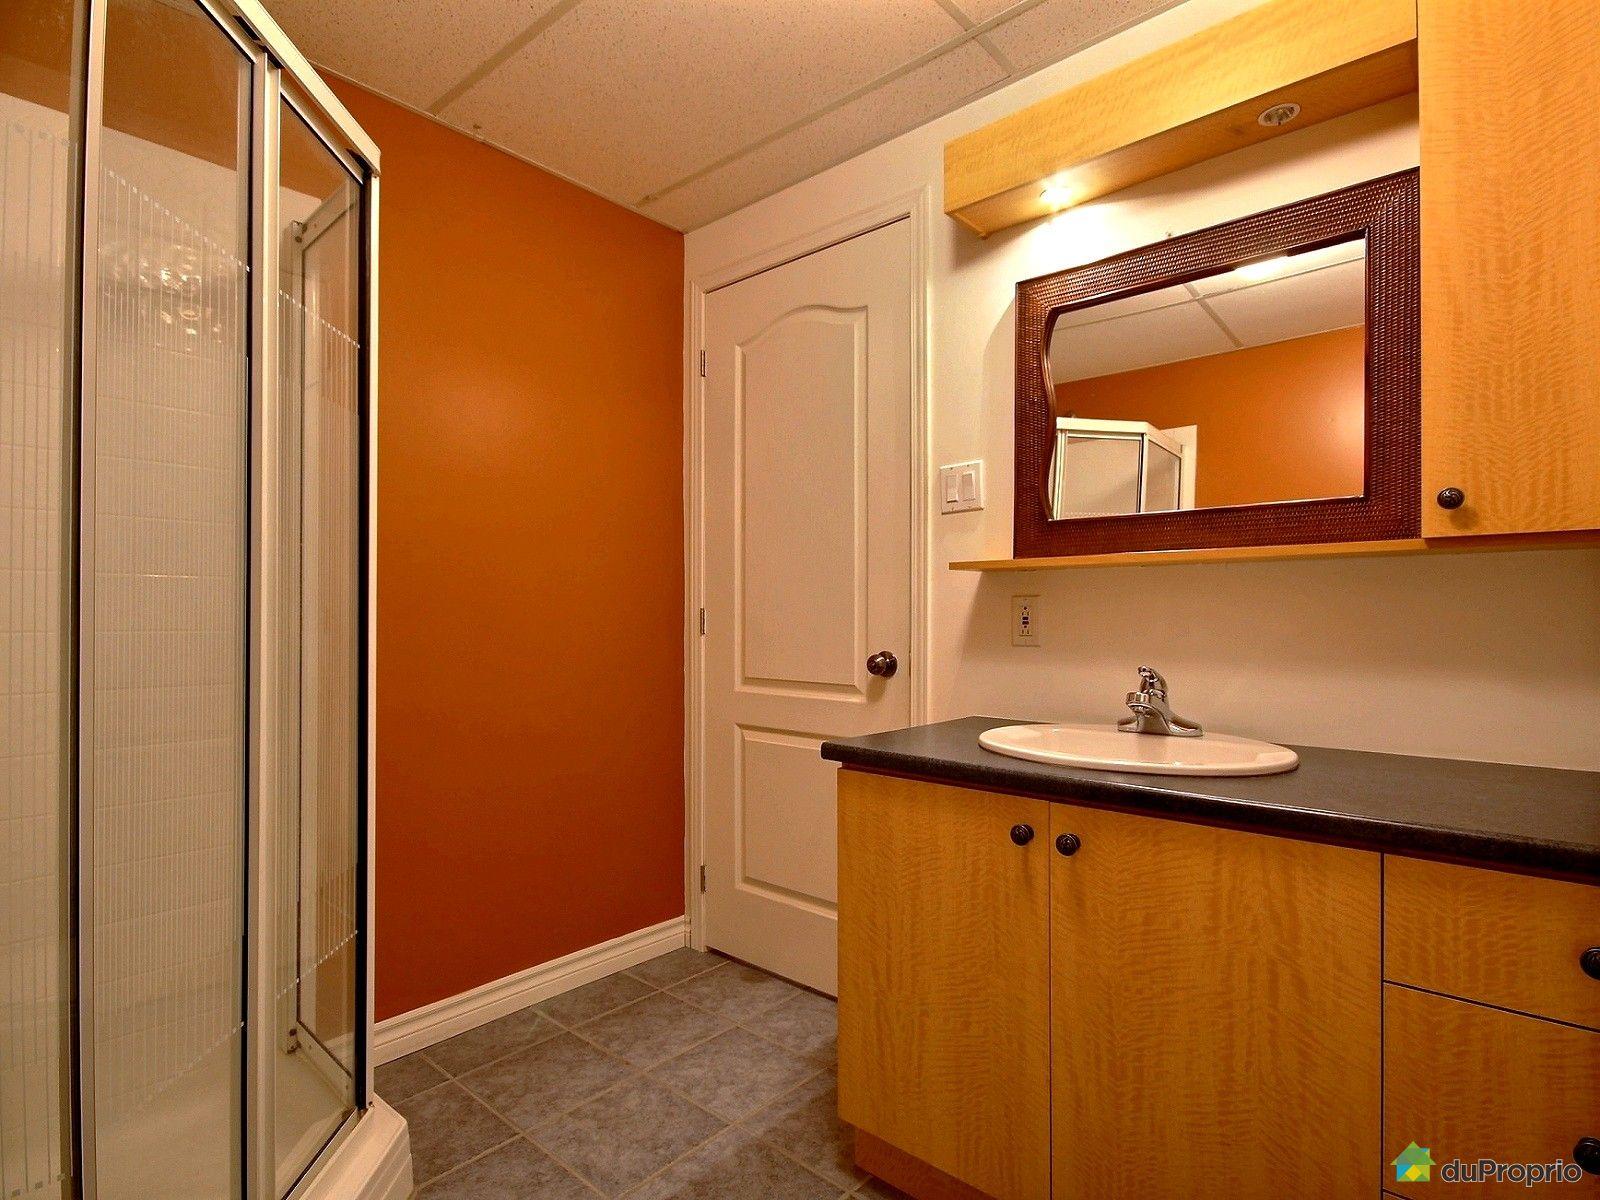 Maison vendre st j r me 1017 rue albert camus for Accessoire salle de bain st jerome